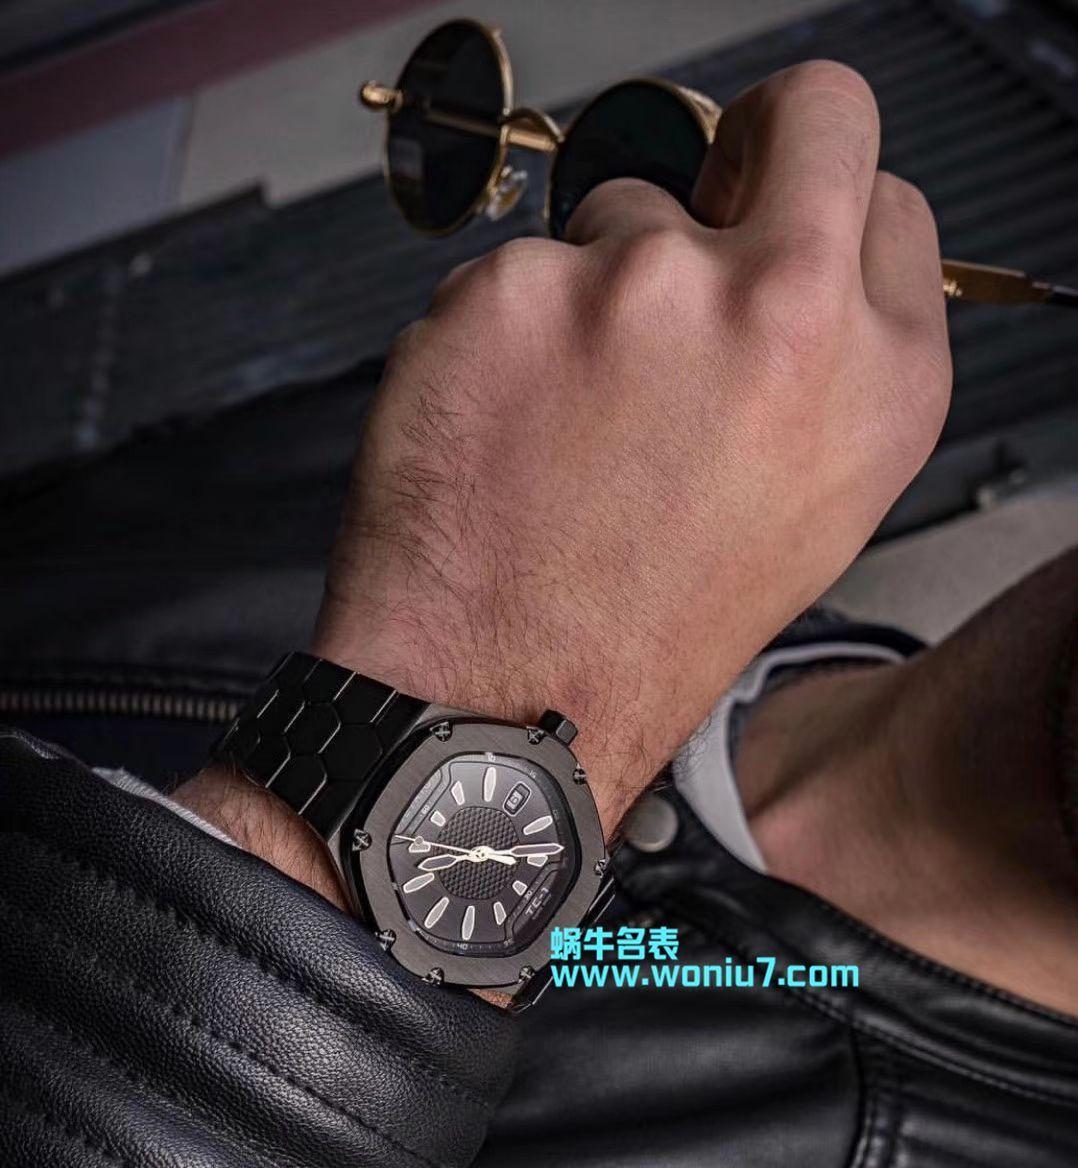 【正品,专柜最新款同步发售】德国品牌Dietrich帝特利威男士腕表,TC-1系列 / CBDietrich 02